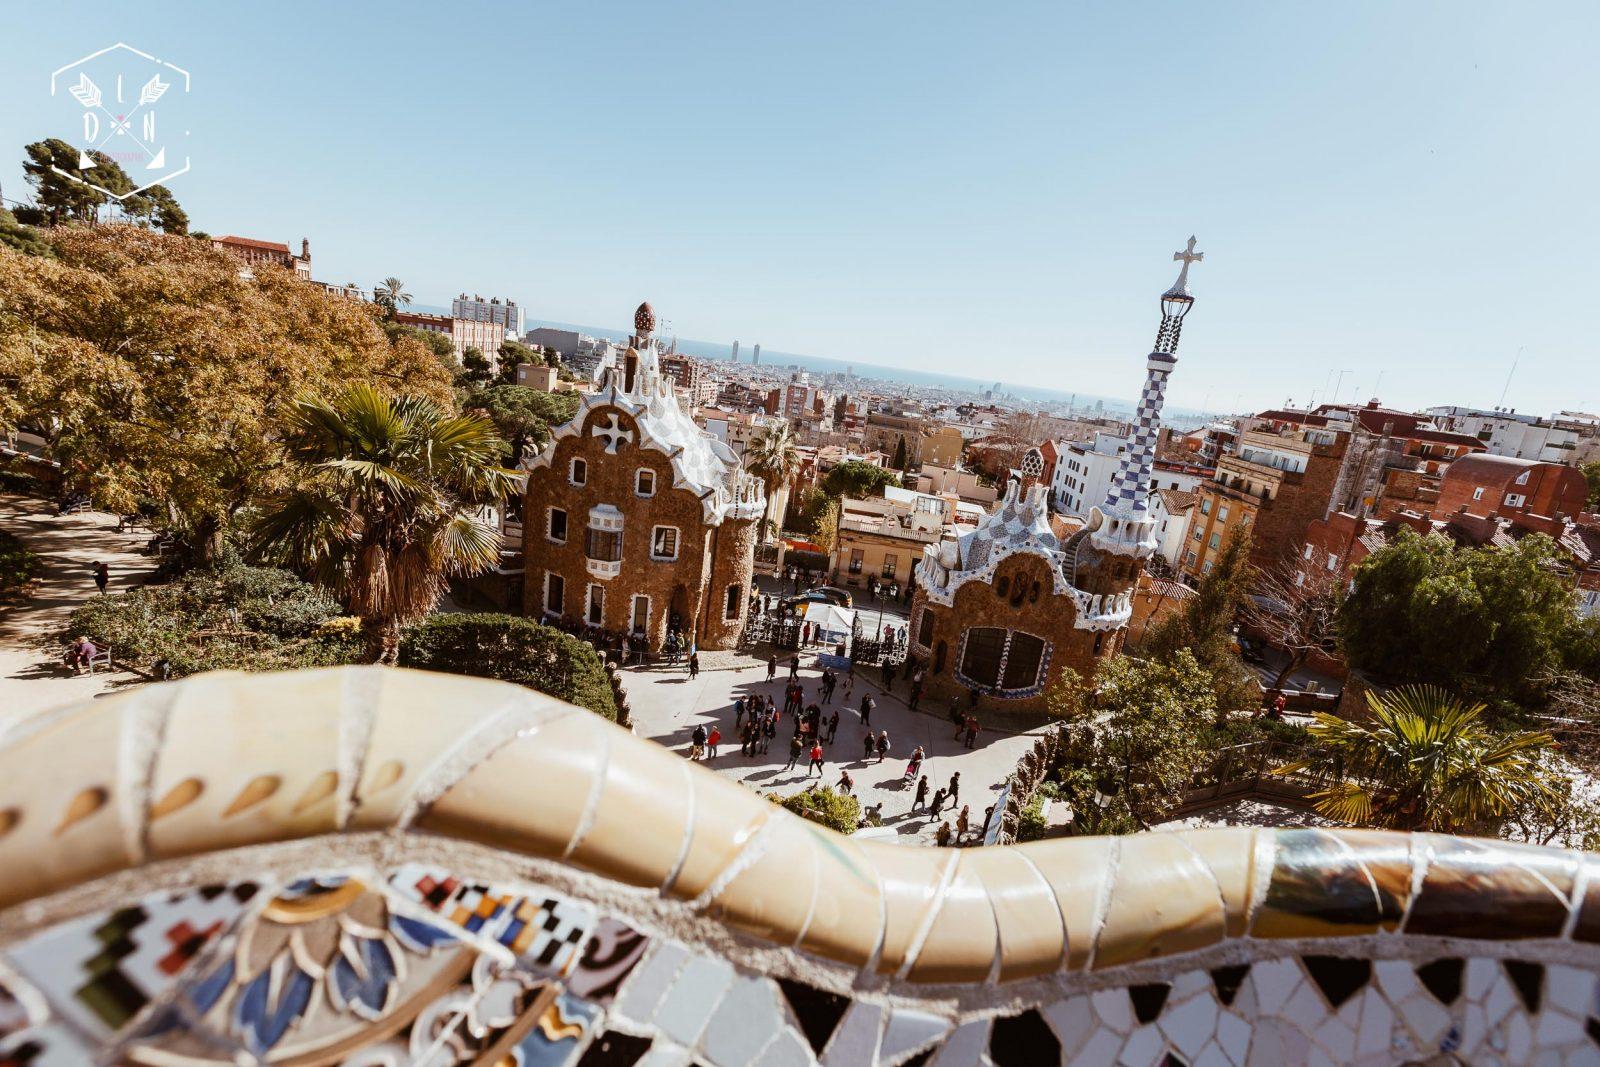 merca de boqueria, barcelone, espagne, L'oeil de Noémie photographe blogueuse voyage à Vichy en Auvergne